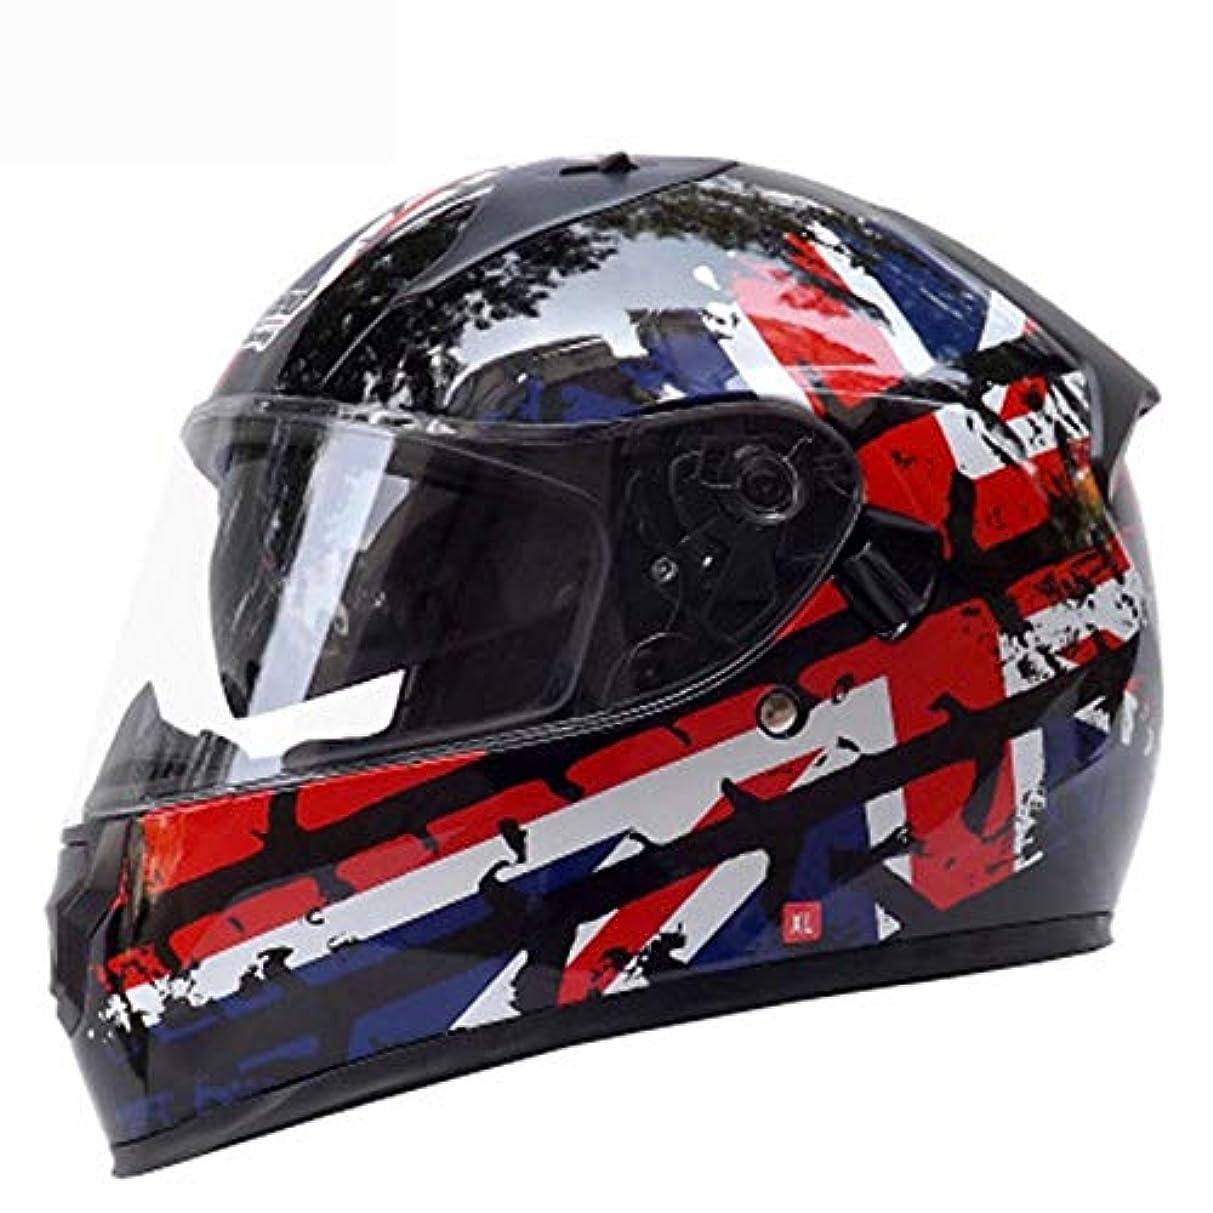 寄付する壁紙なるHYH オートバイバッテリーカー乗馬ヘルメットダブルレンズ人格フルフェイスヘルメット通気性ファッションヘルメット取り外し可能な襟 いい人生 (Size : XXL)